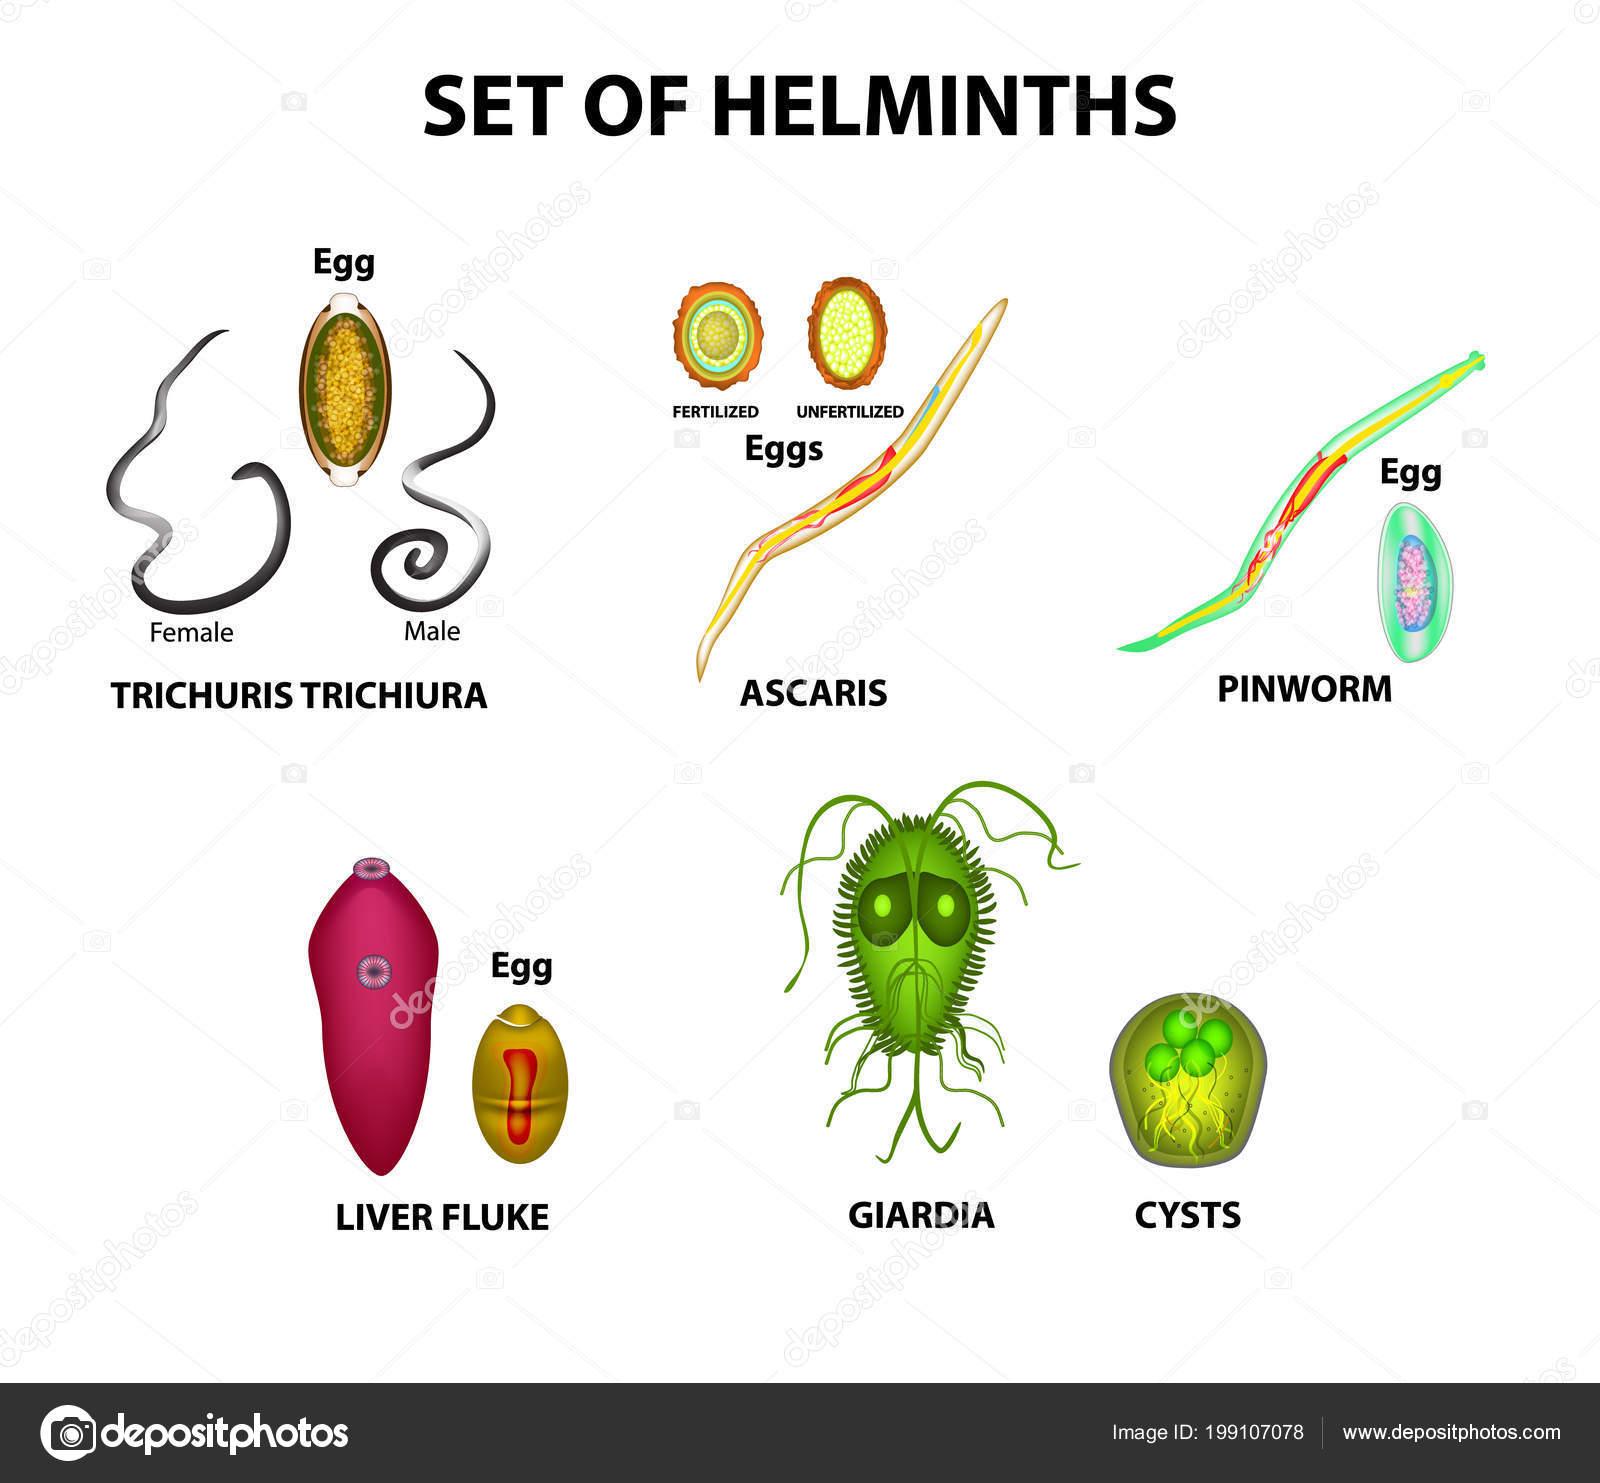 petesejtek férgek vagy pinwormok